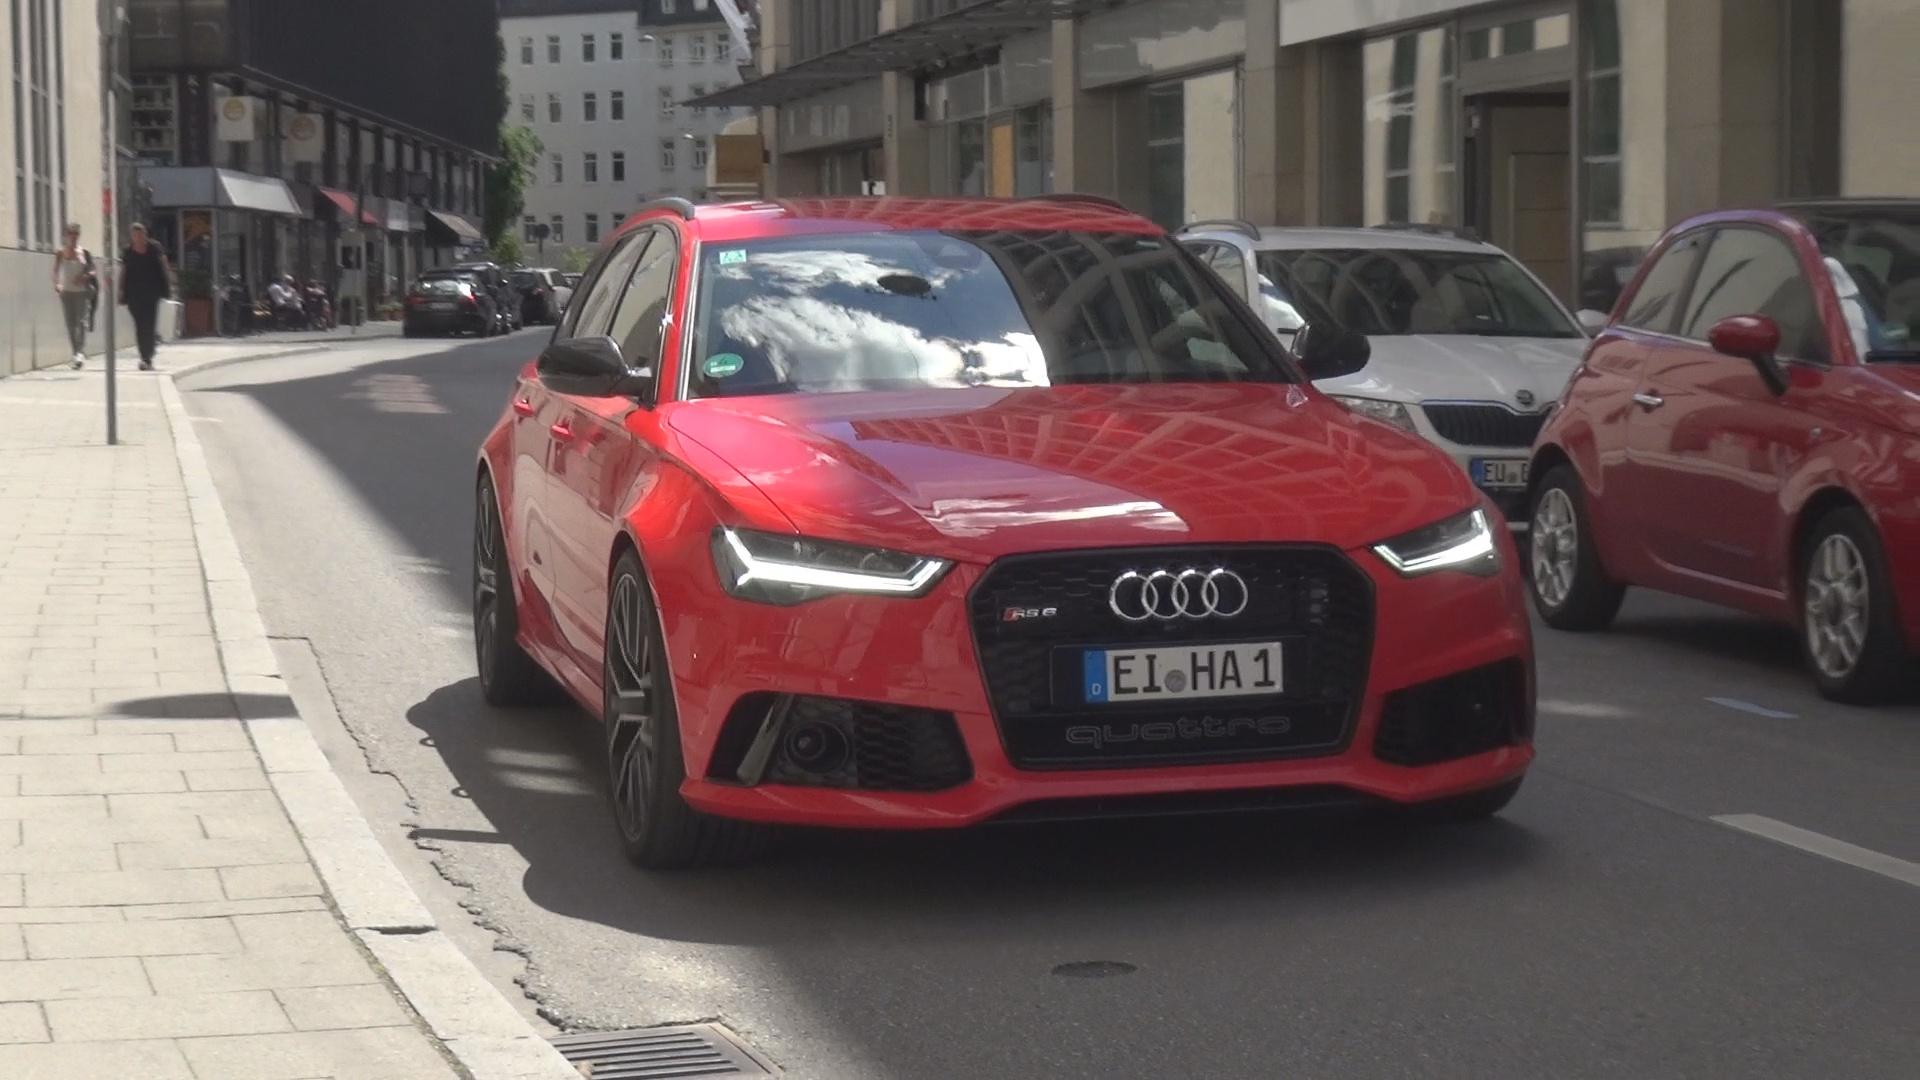 Audi RS6 - EI-HA-1